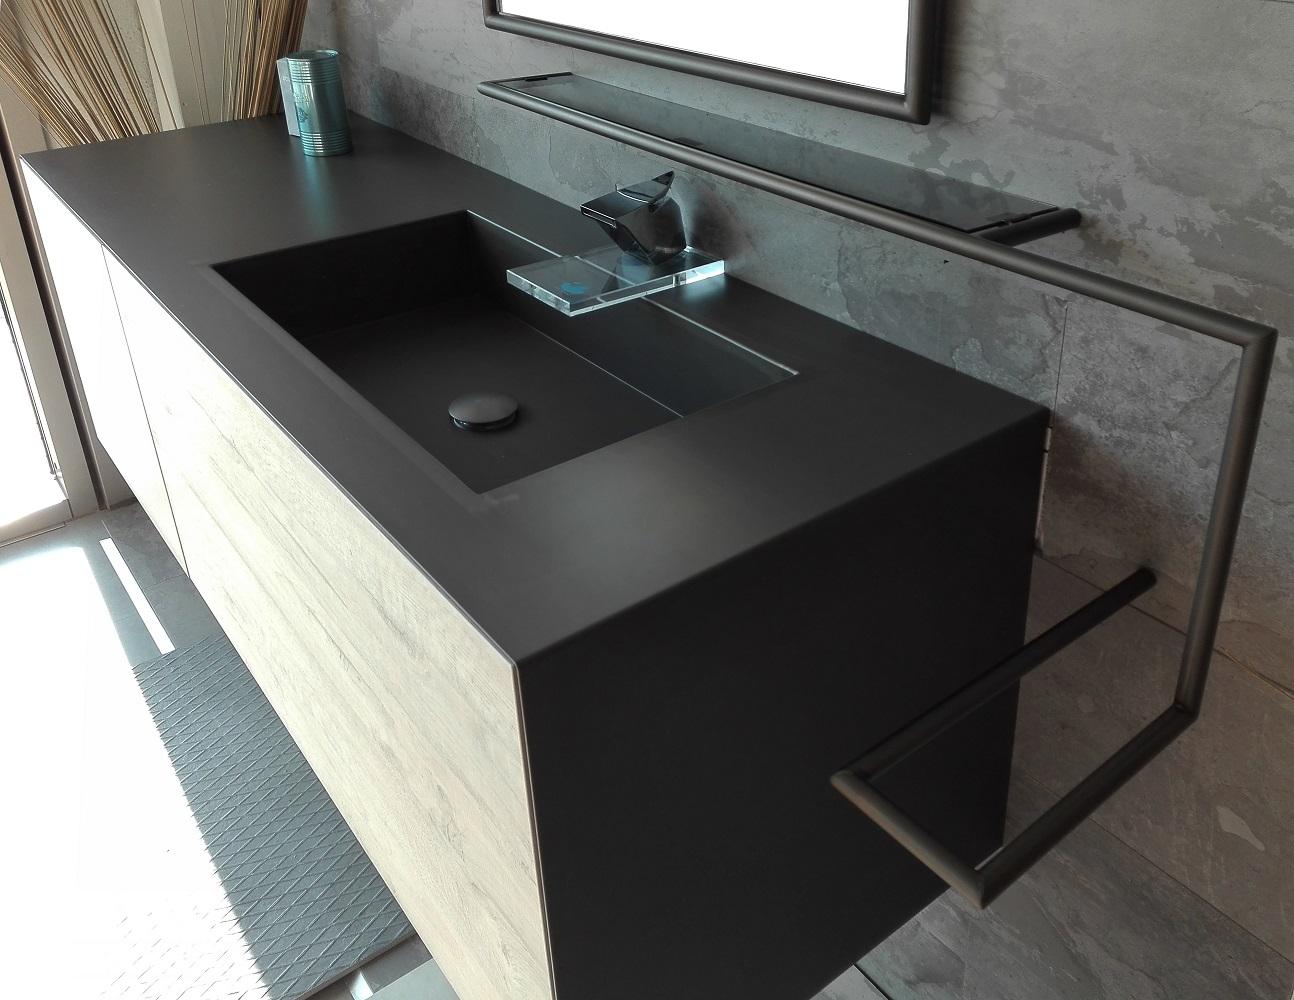 satinato archives ceramiche bm. Black Bedroom Furniture Sets. Home Design Ideas